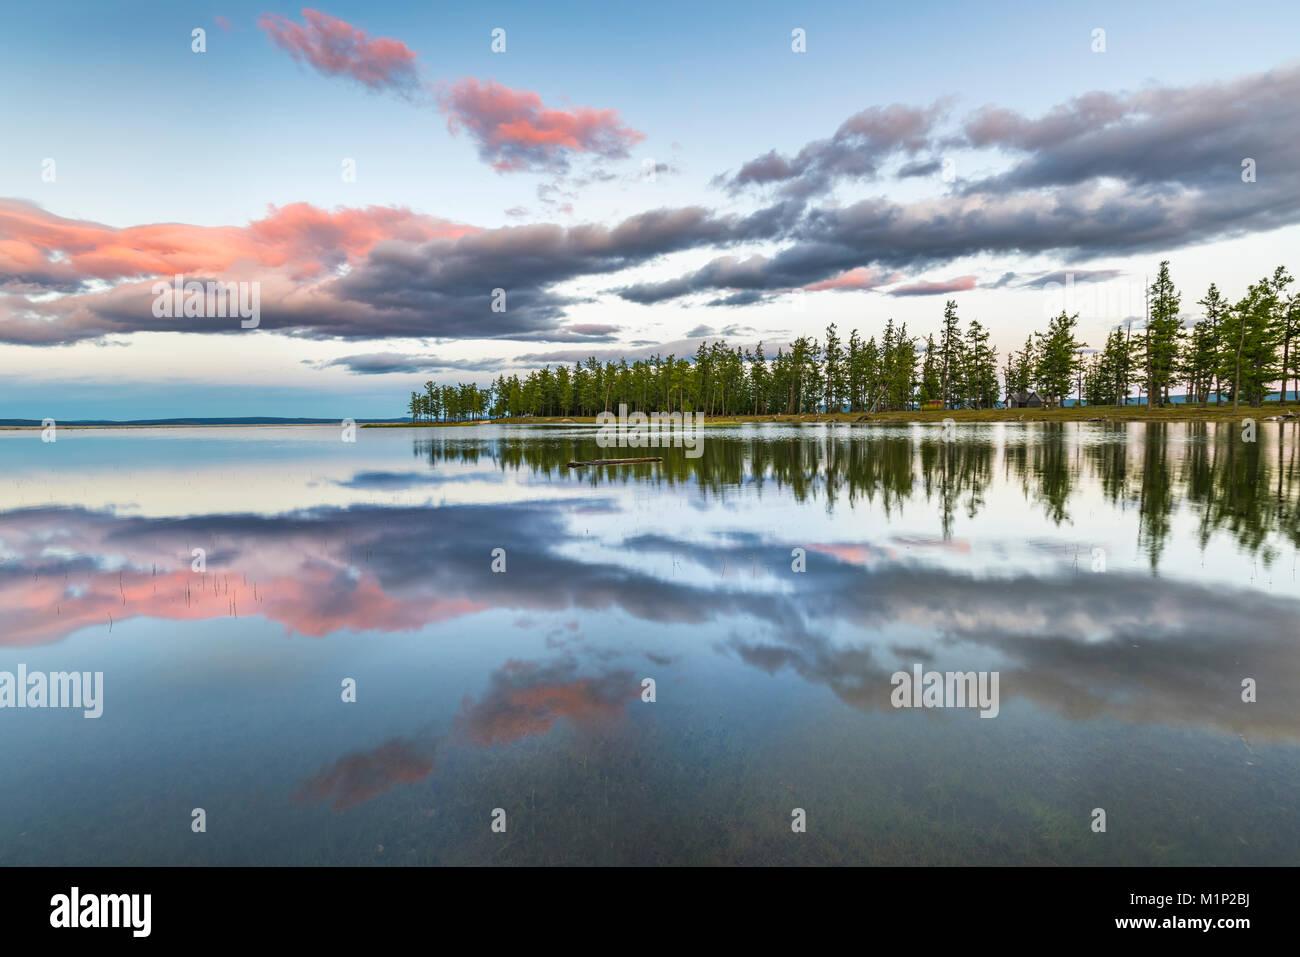 Abeti e nuvole riflettono sul suface del Lago Hovsgol al tramonto, Hovsgol provincia, Mongolia, Asia Centrale, Asia Immagini Stock